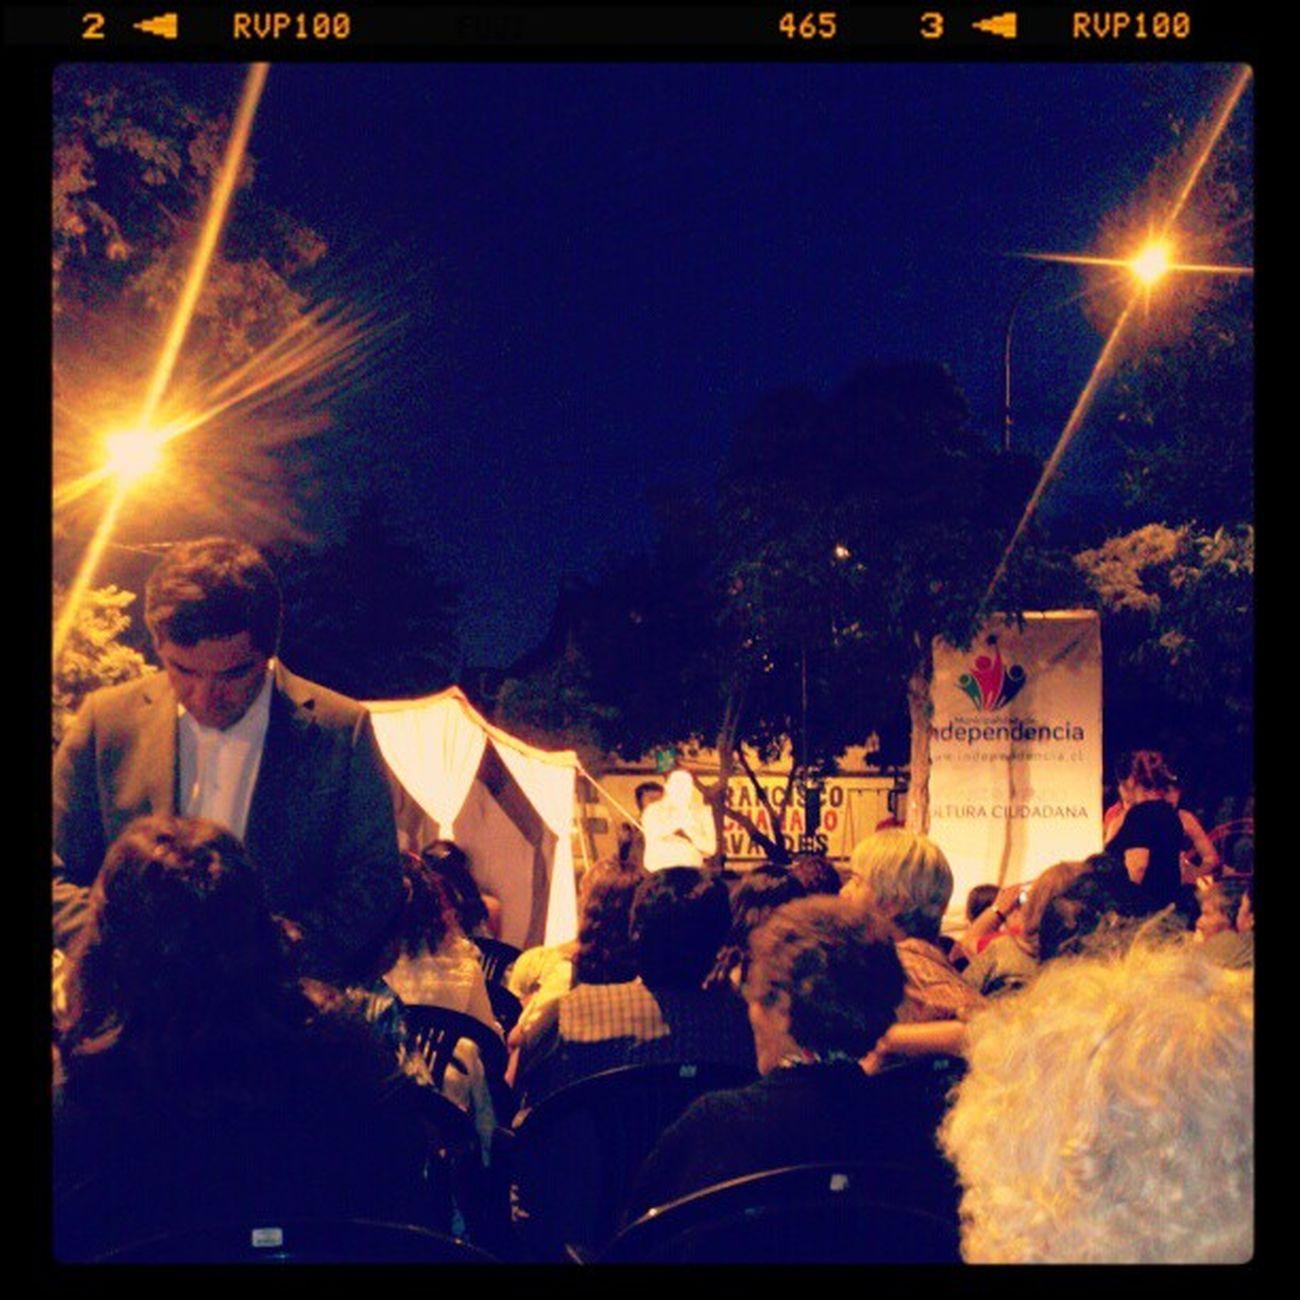 Vamos al teatrooooo con alamala y @valesanmartin Romeoyjulietacomicamente